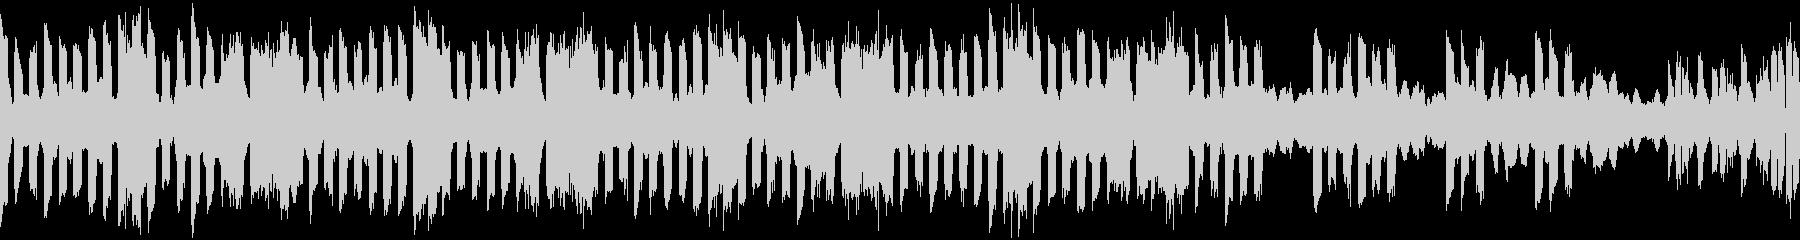 電子音と低弦による憂鬱な変拍子ループ曲の未再生の波形